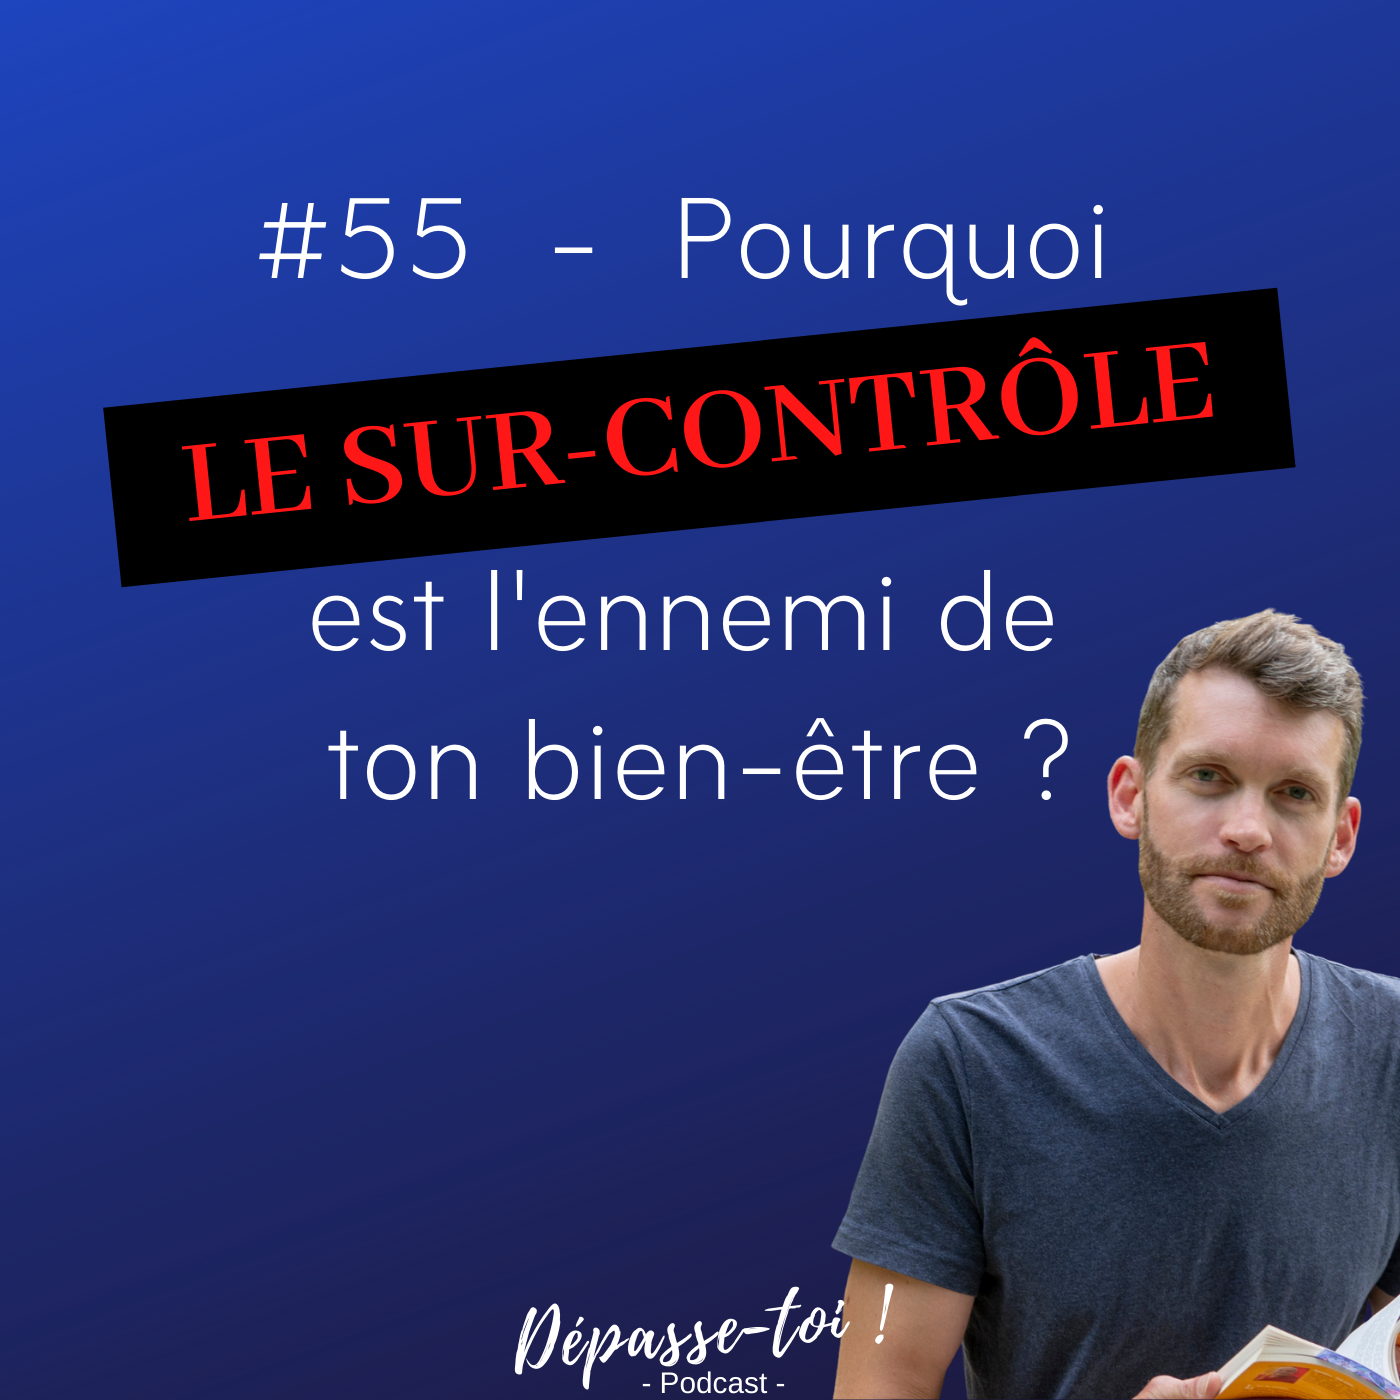 #55 - Pourquoi le surcontrôle est l'ennemi de ton bien être ?